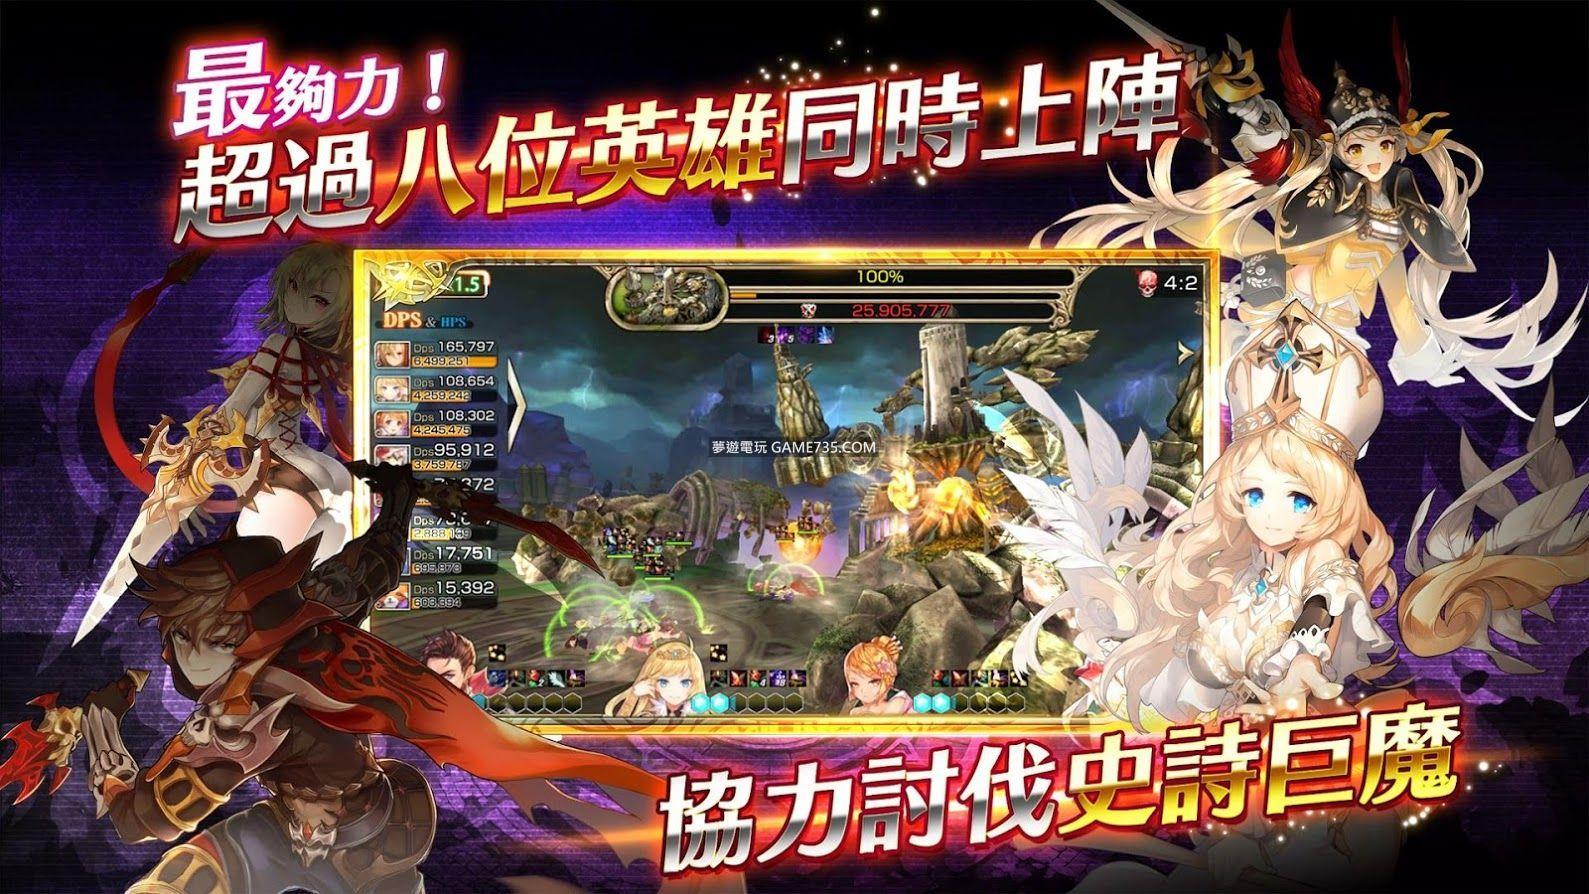 【3版+整合下載】King's Raid 王之逆襲 v3.64.6  繁體台版+選單+無敵+直接勝利+弱化+技能無限